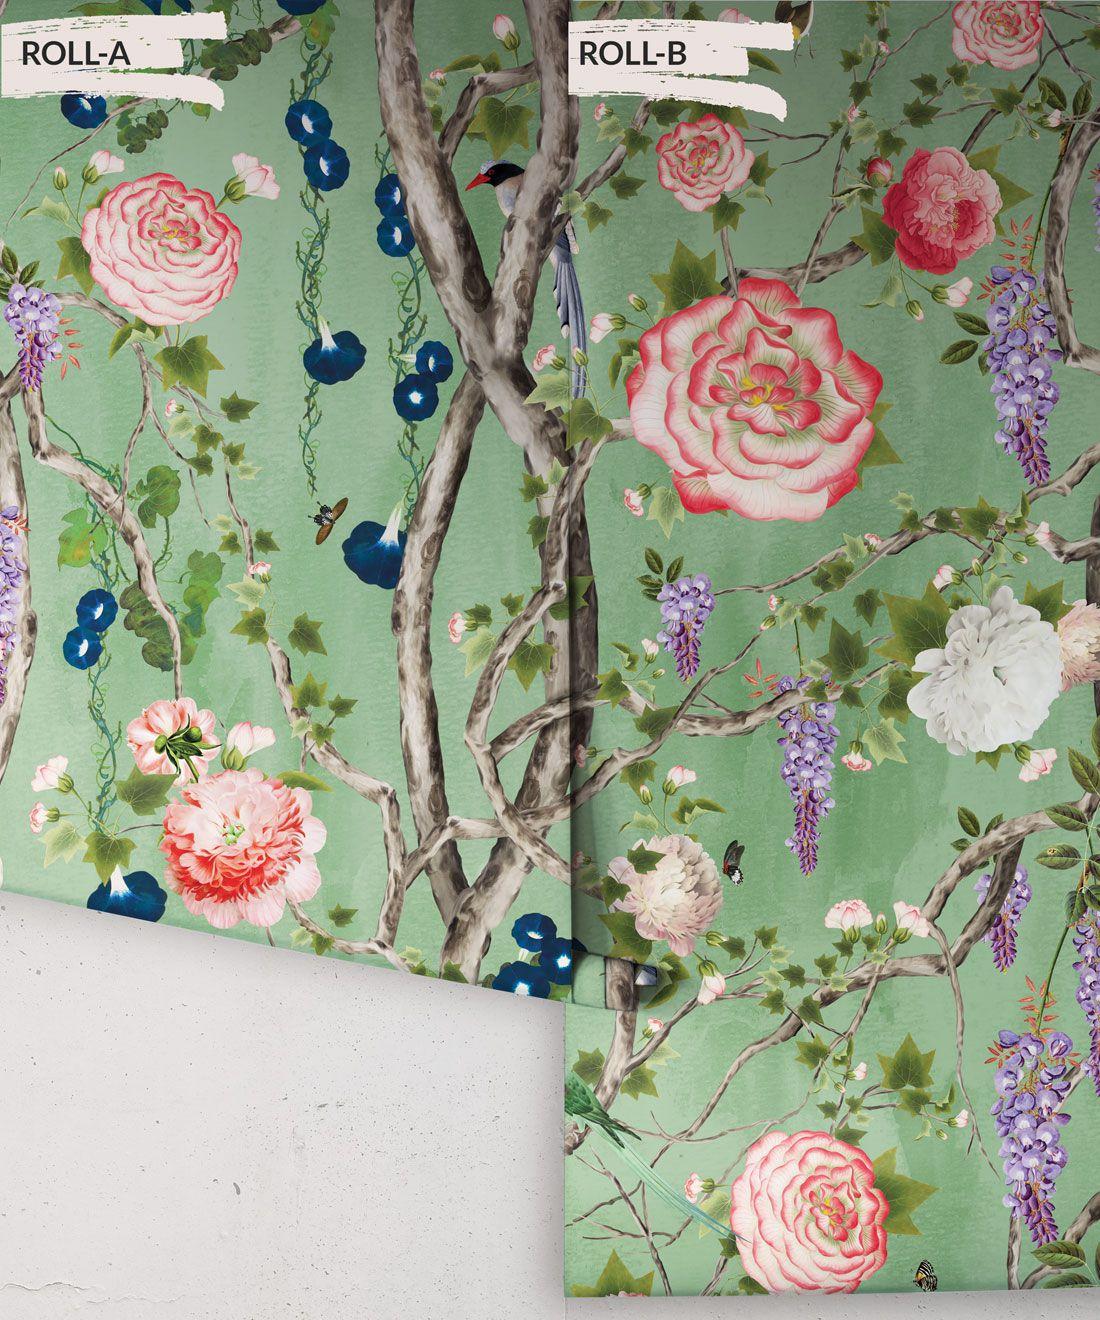 Empress Wallpaper • Romantic Wallpaper • Floral Wallpaper • Chinoiserie Wallpaper • Tea Garden Green colour wallpaper rolls